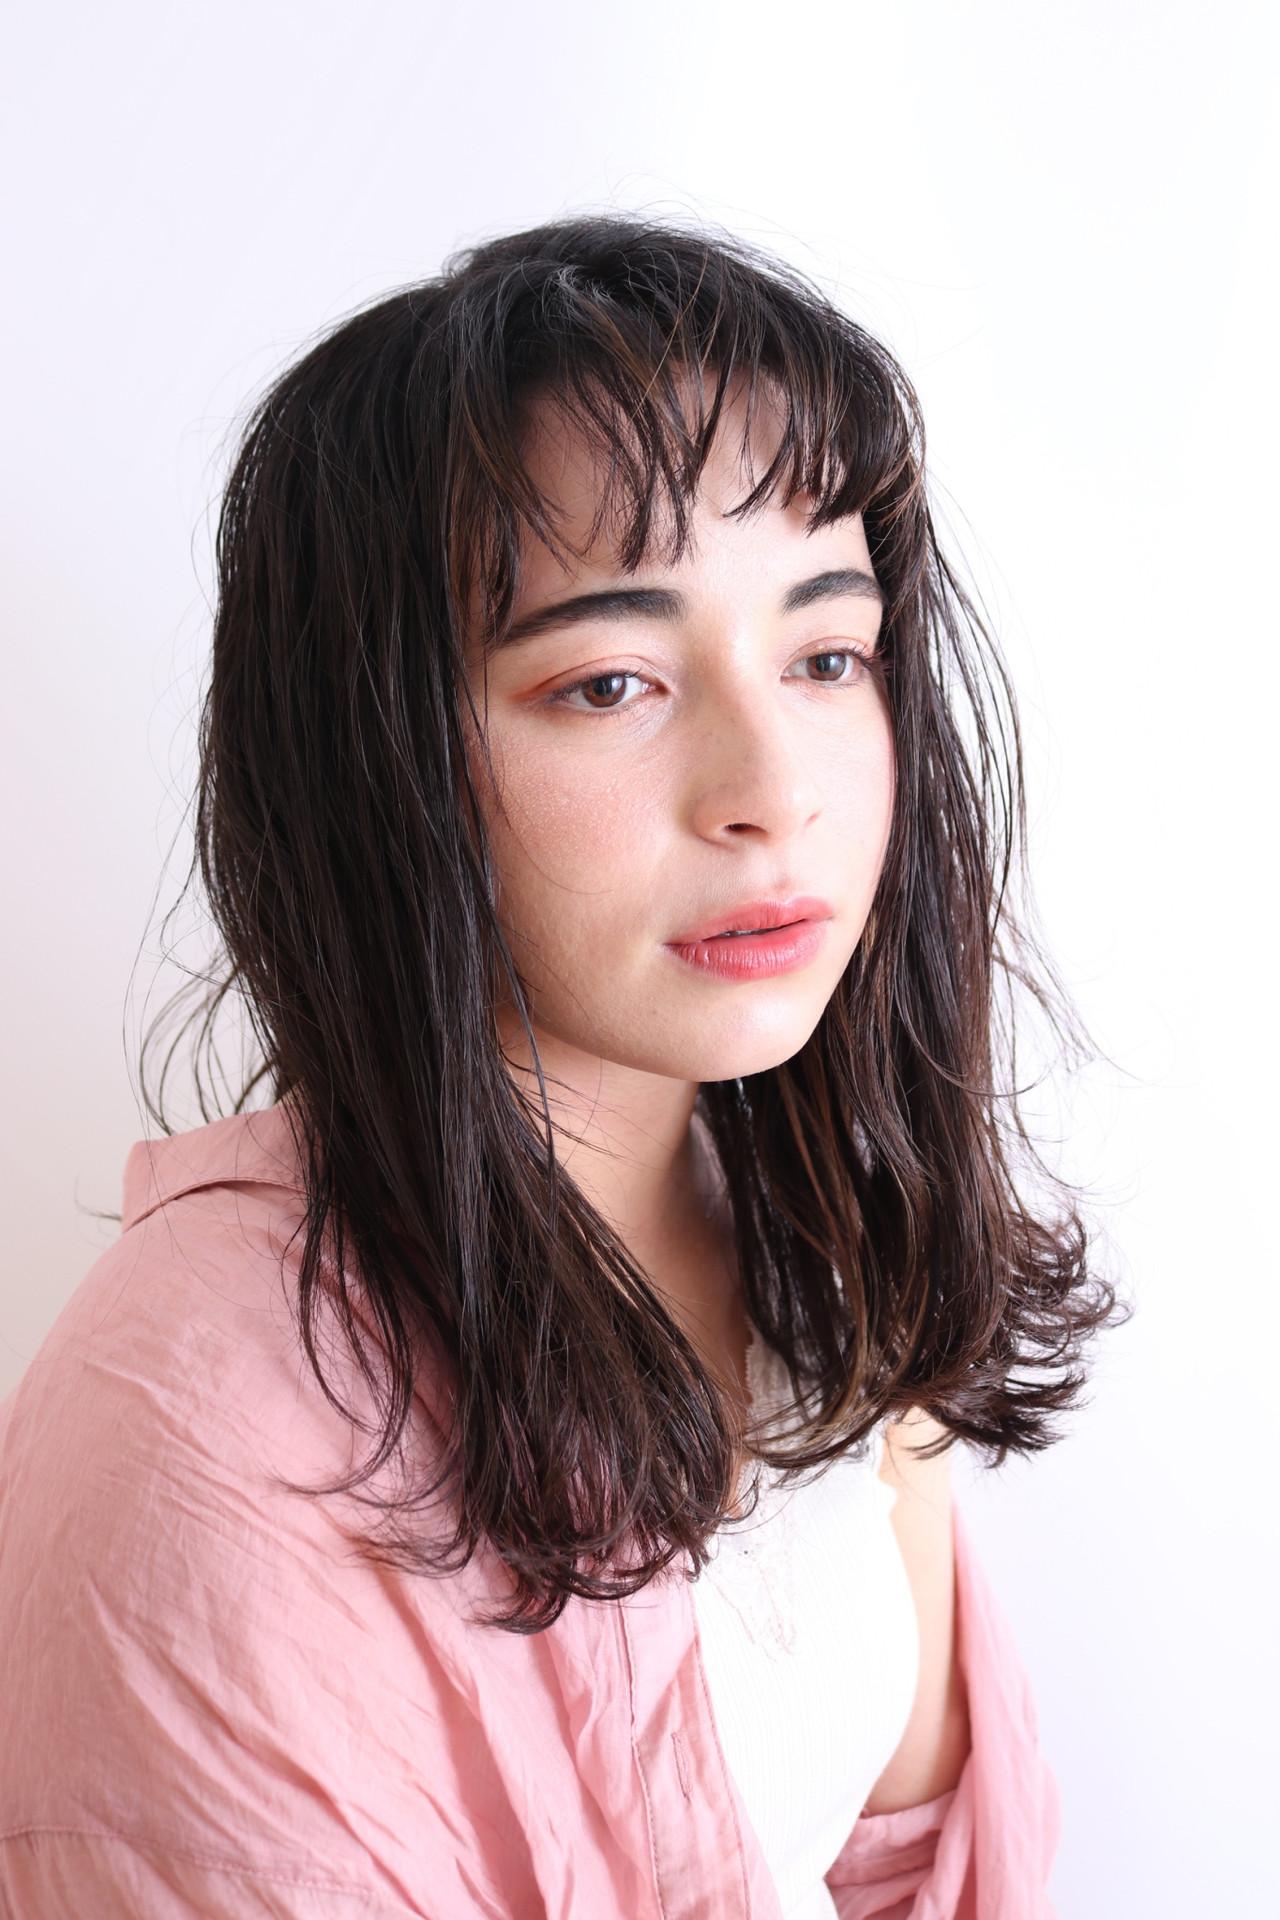 鎖骨ミディアム アッシュベージュ インナーカラー セミロング ヘアスタイルや髪型の写真・画像